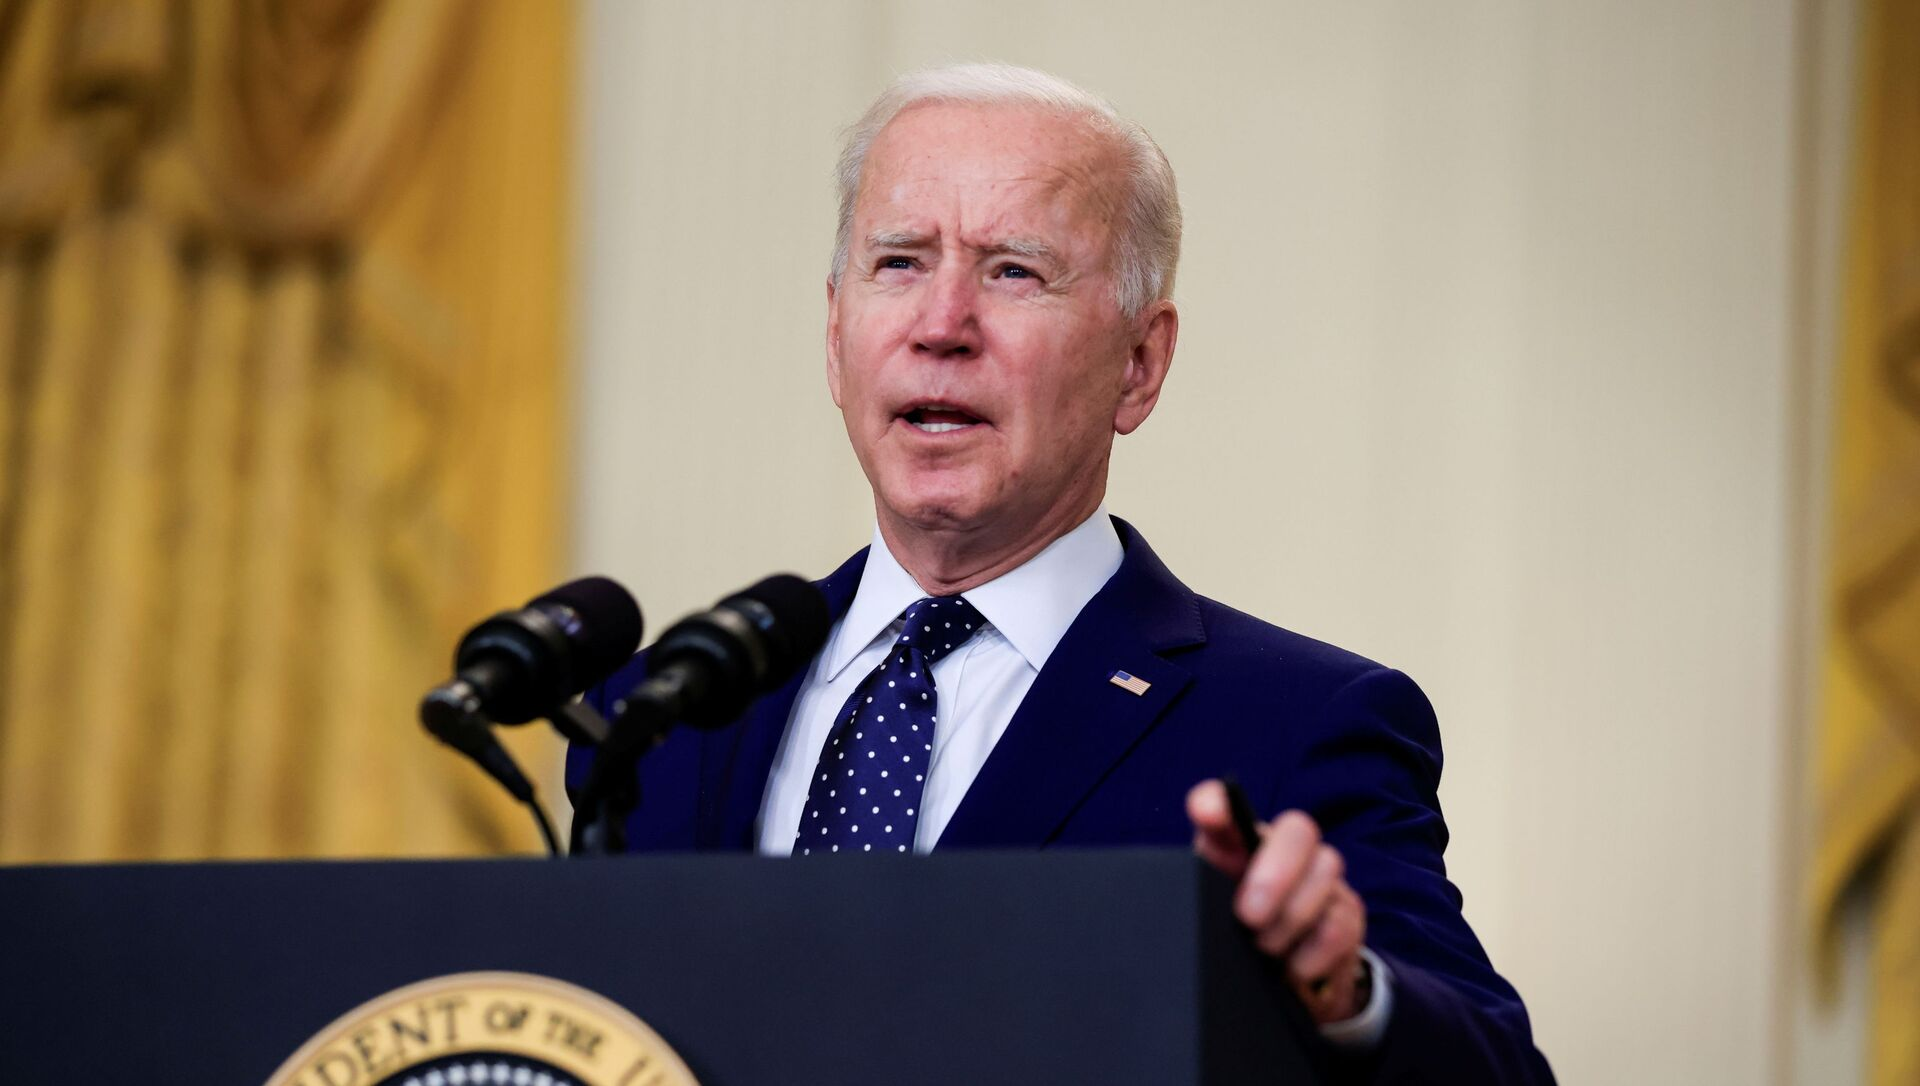 Tổng thống Hoa Kỳ Joe Biden có bài phát biểu về Nga tại Sảnh Đông của Nhà Trắng ở Washington DC, Hoa Kỳ. - Sputnik Việt Nam, 1920, 11.05.2021